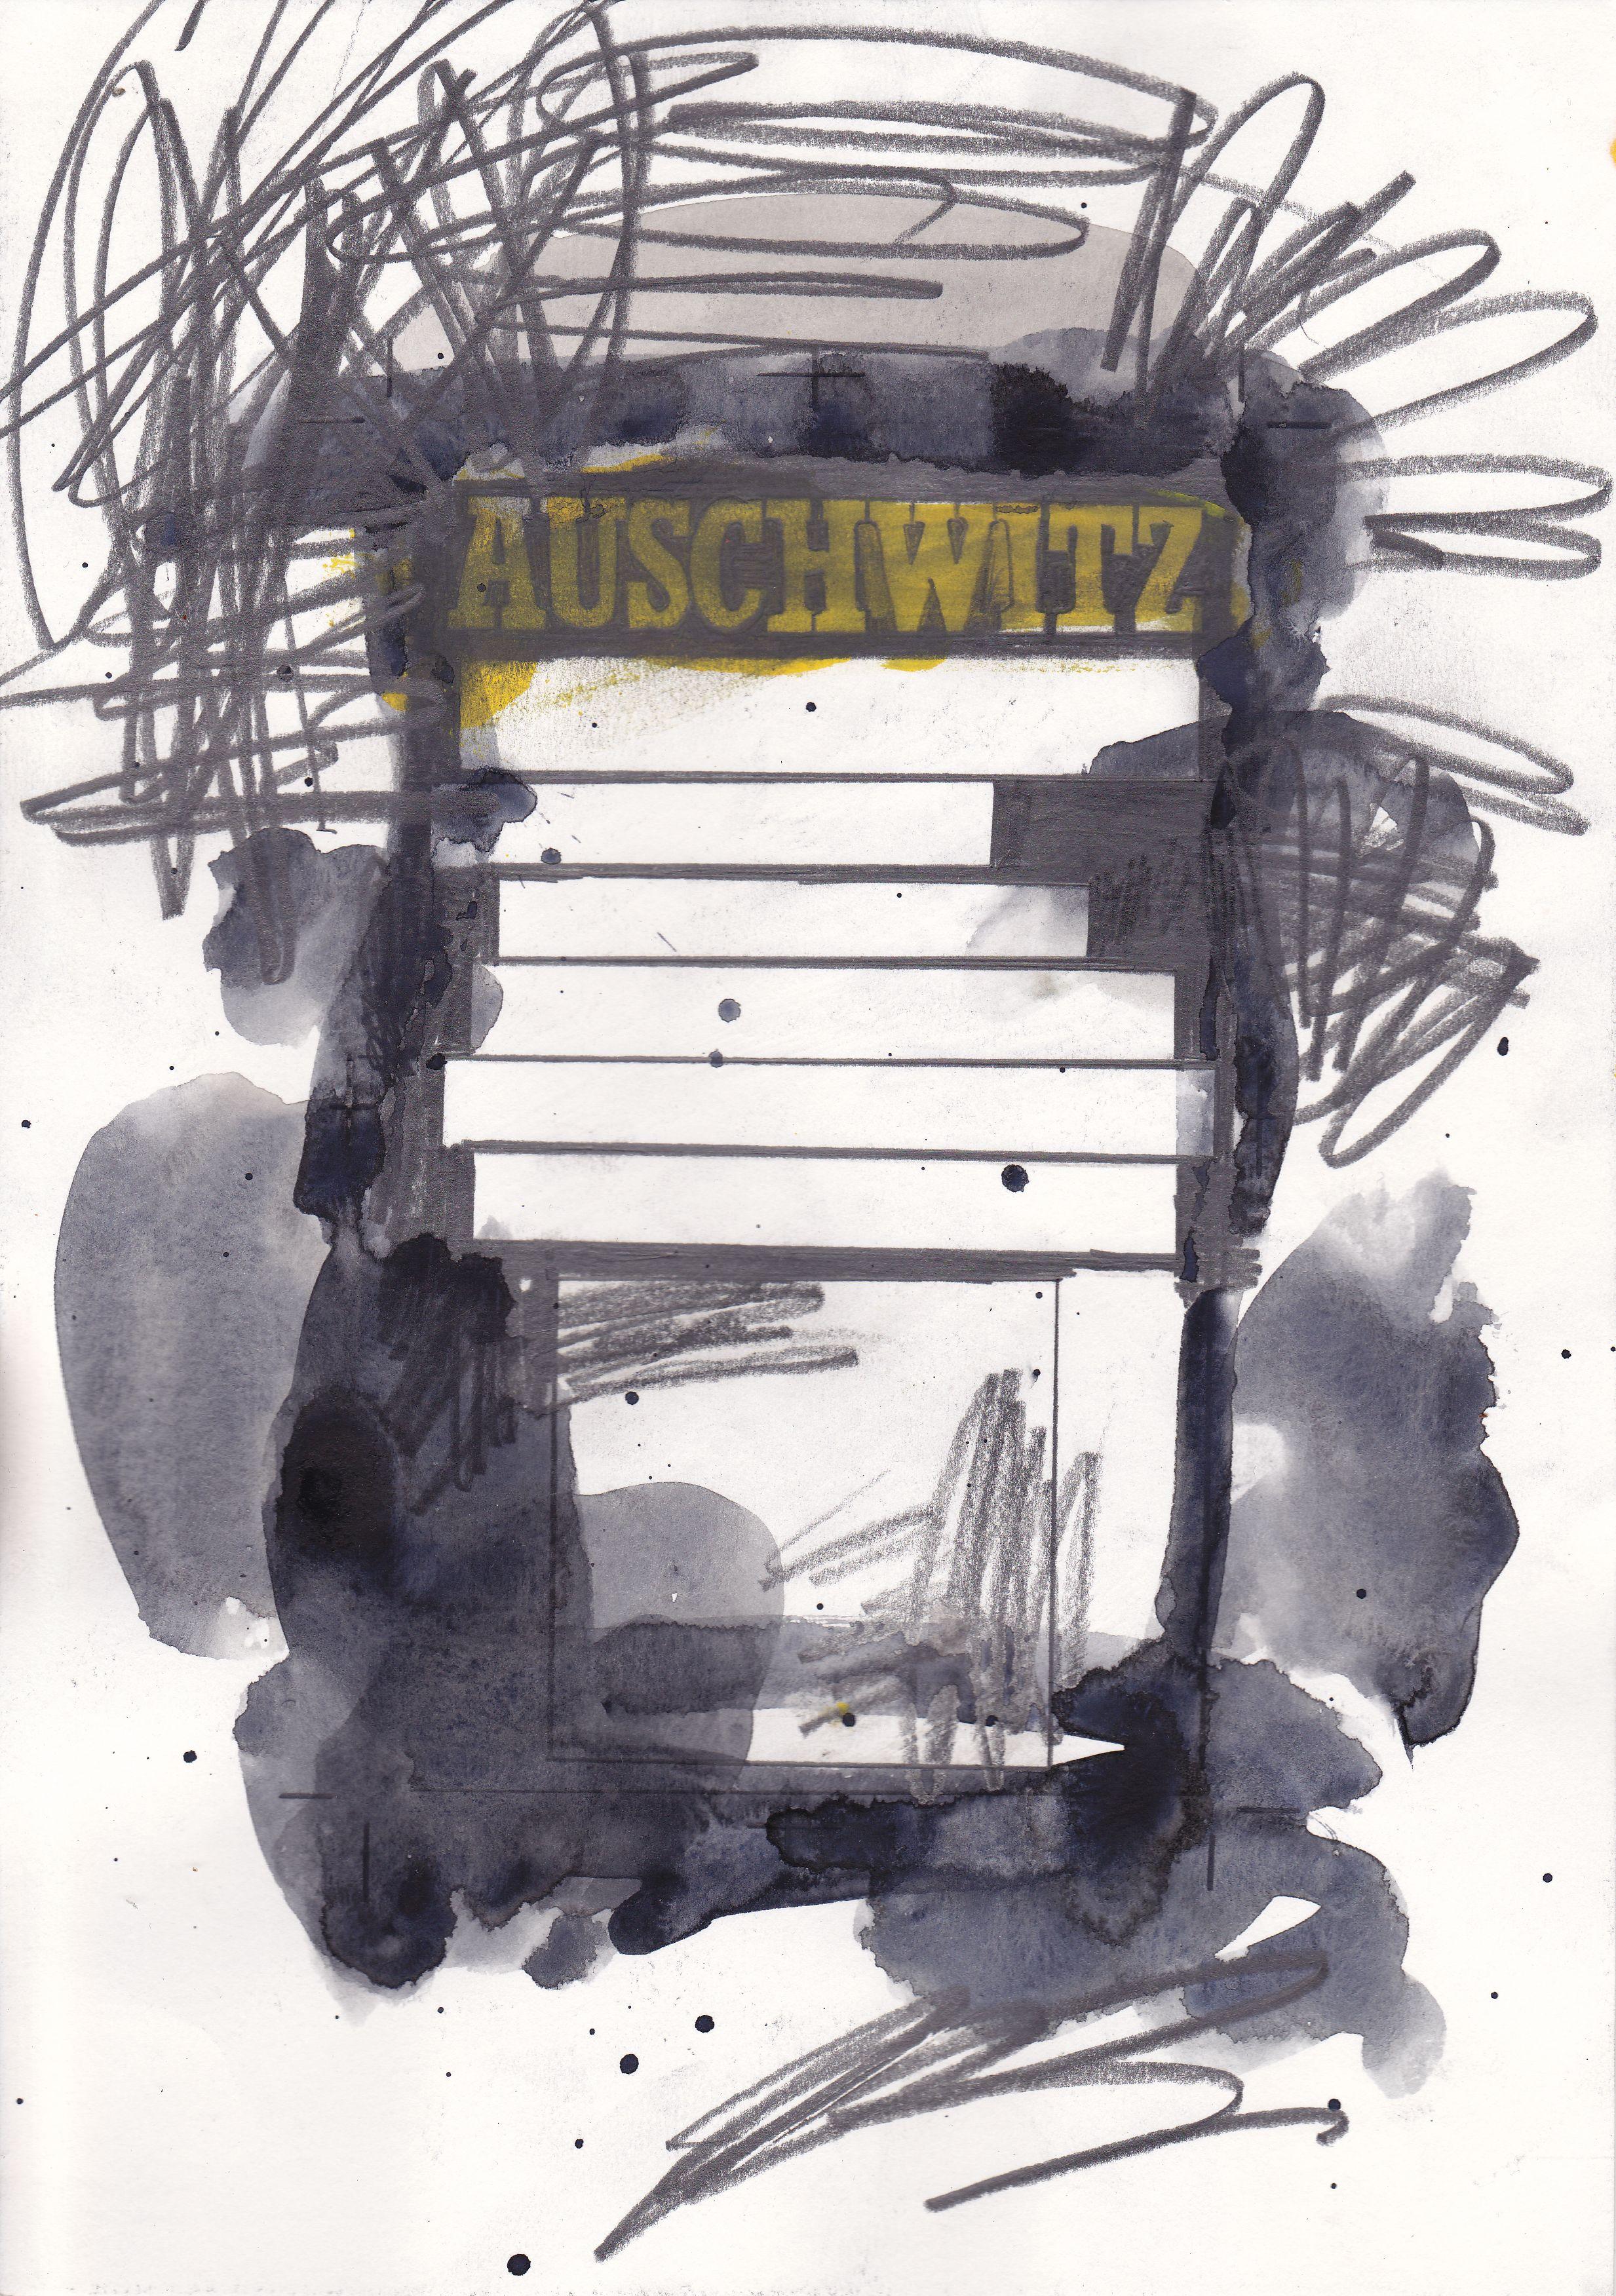 Auschwitz 21 x 29.7 cm  Watercolour & graphite on paper